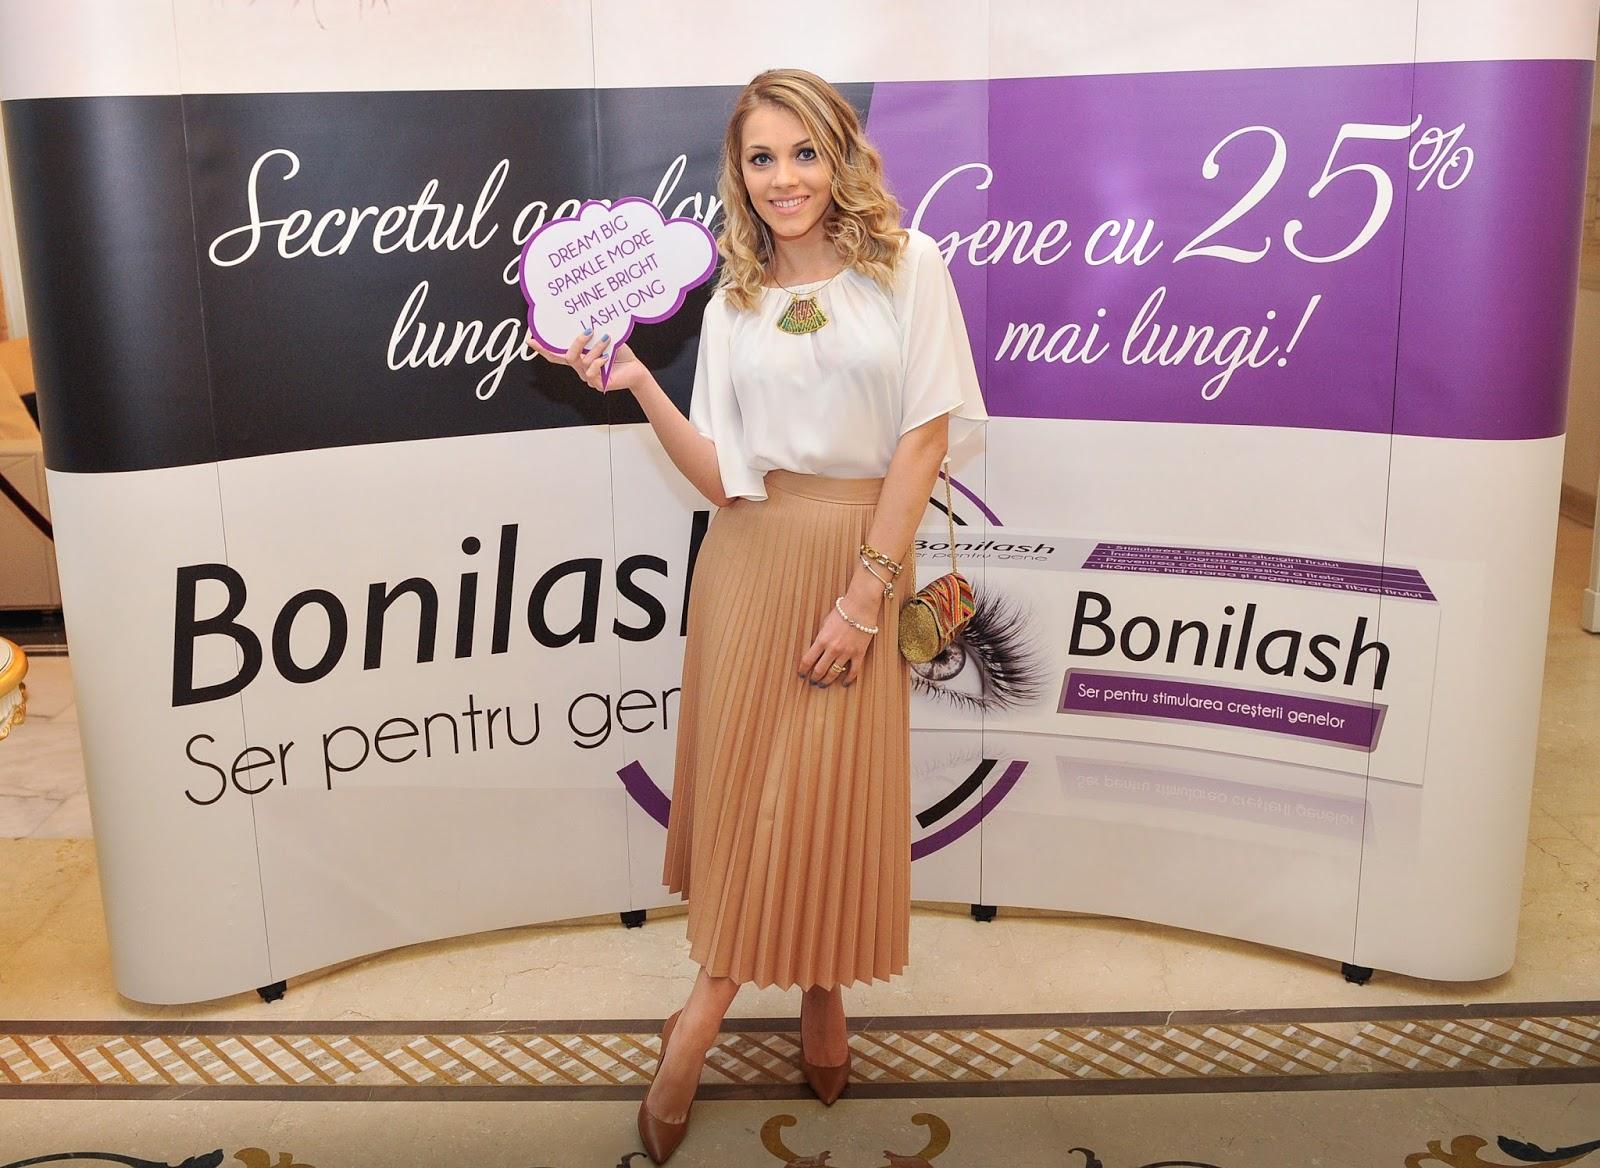 De ce sa alegi Bonilash?